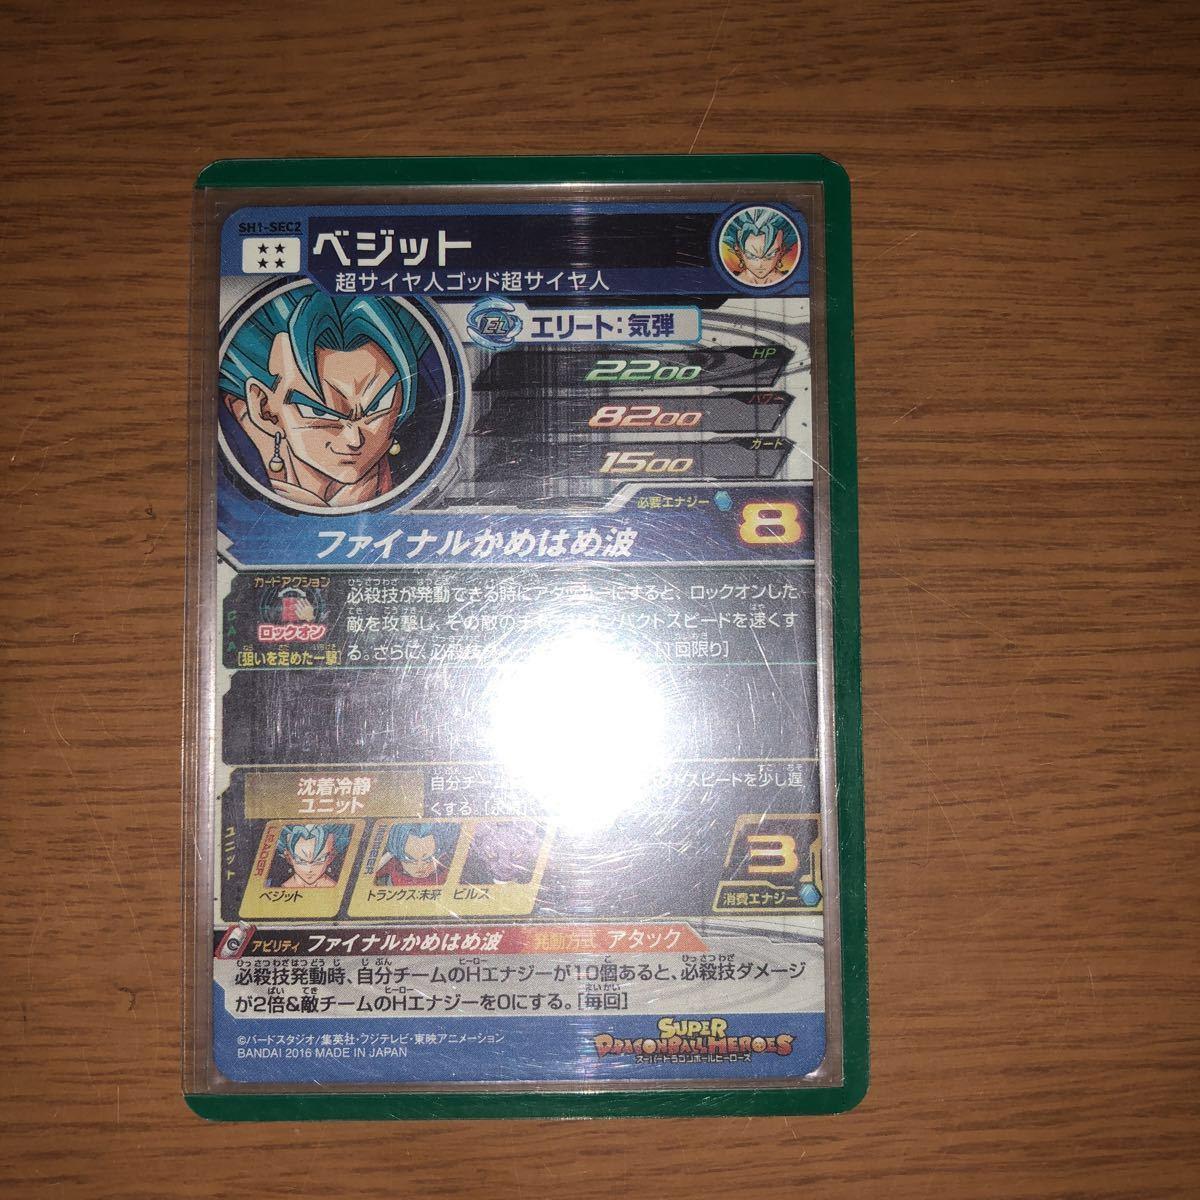 ★1円スタート★ドラゴンボールヒーローズ ベジットブルー ブルベジ SEC SH1-SEC2 ベジット 3枚セット_画像4